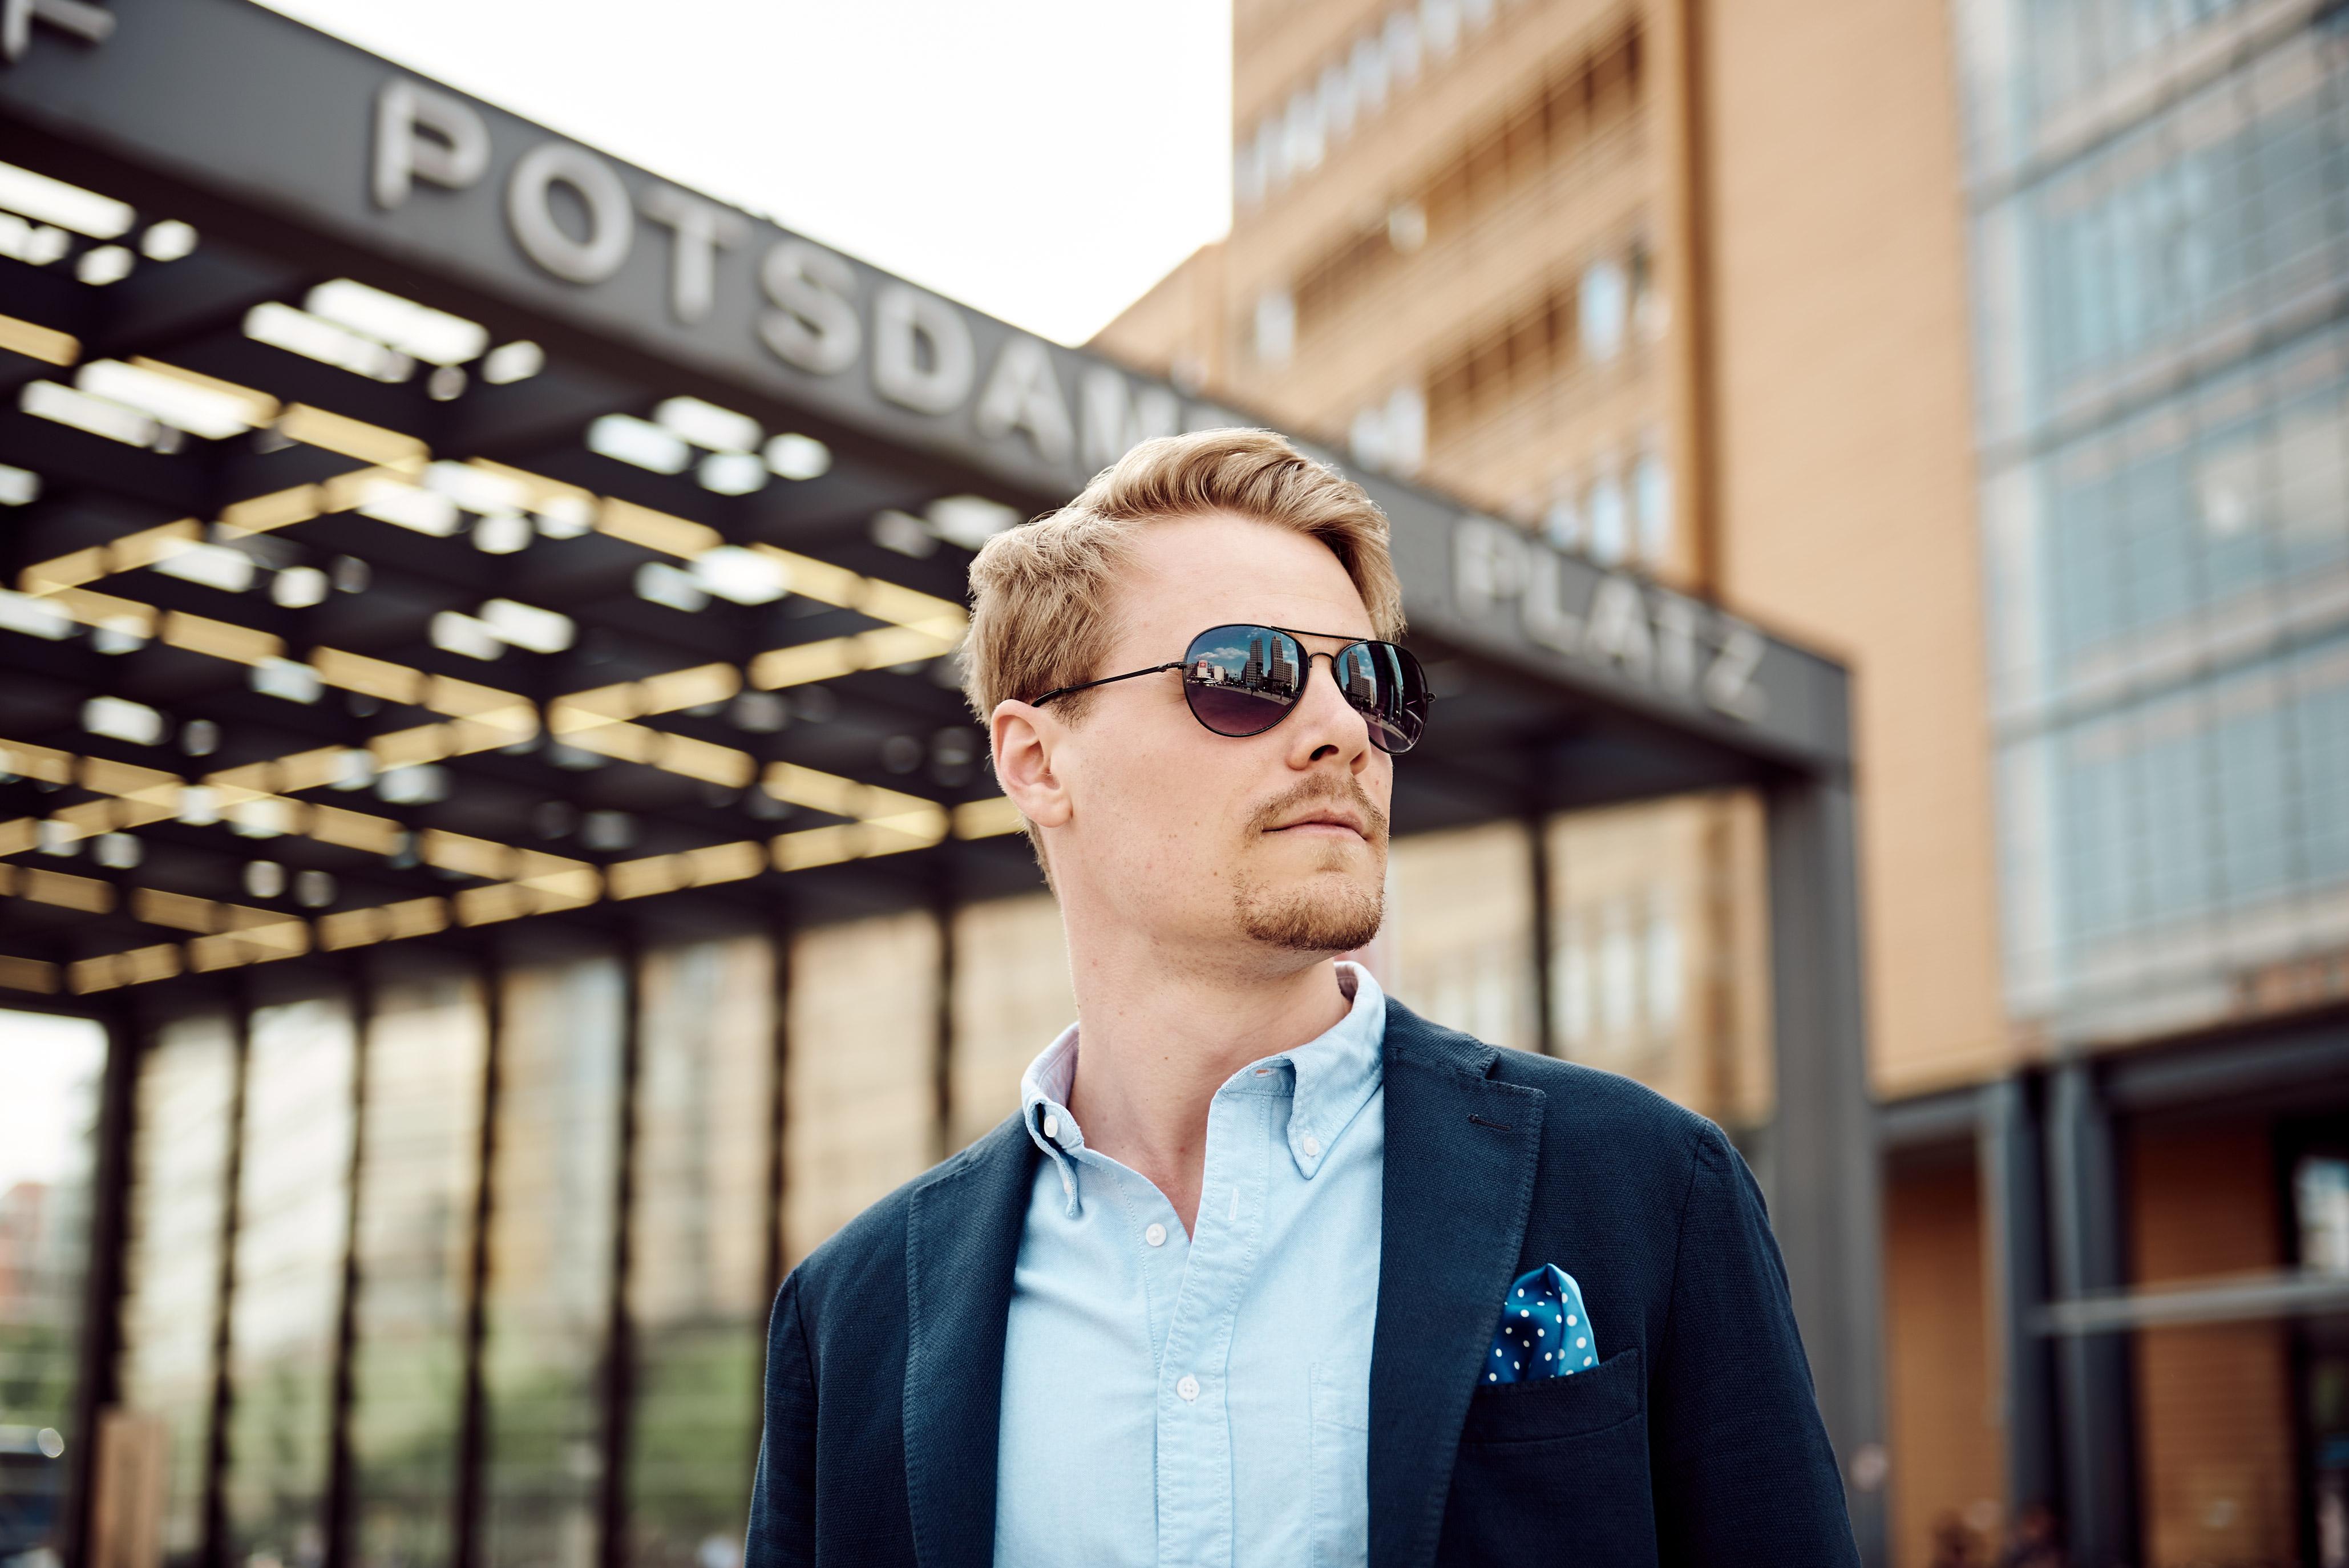 ein junger Mann mit Sportsakko, Sonnenbrille und blondem Bart schaut am Potsdamer Platz in Berlin an der Kamera vorbei